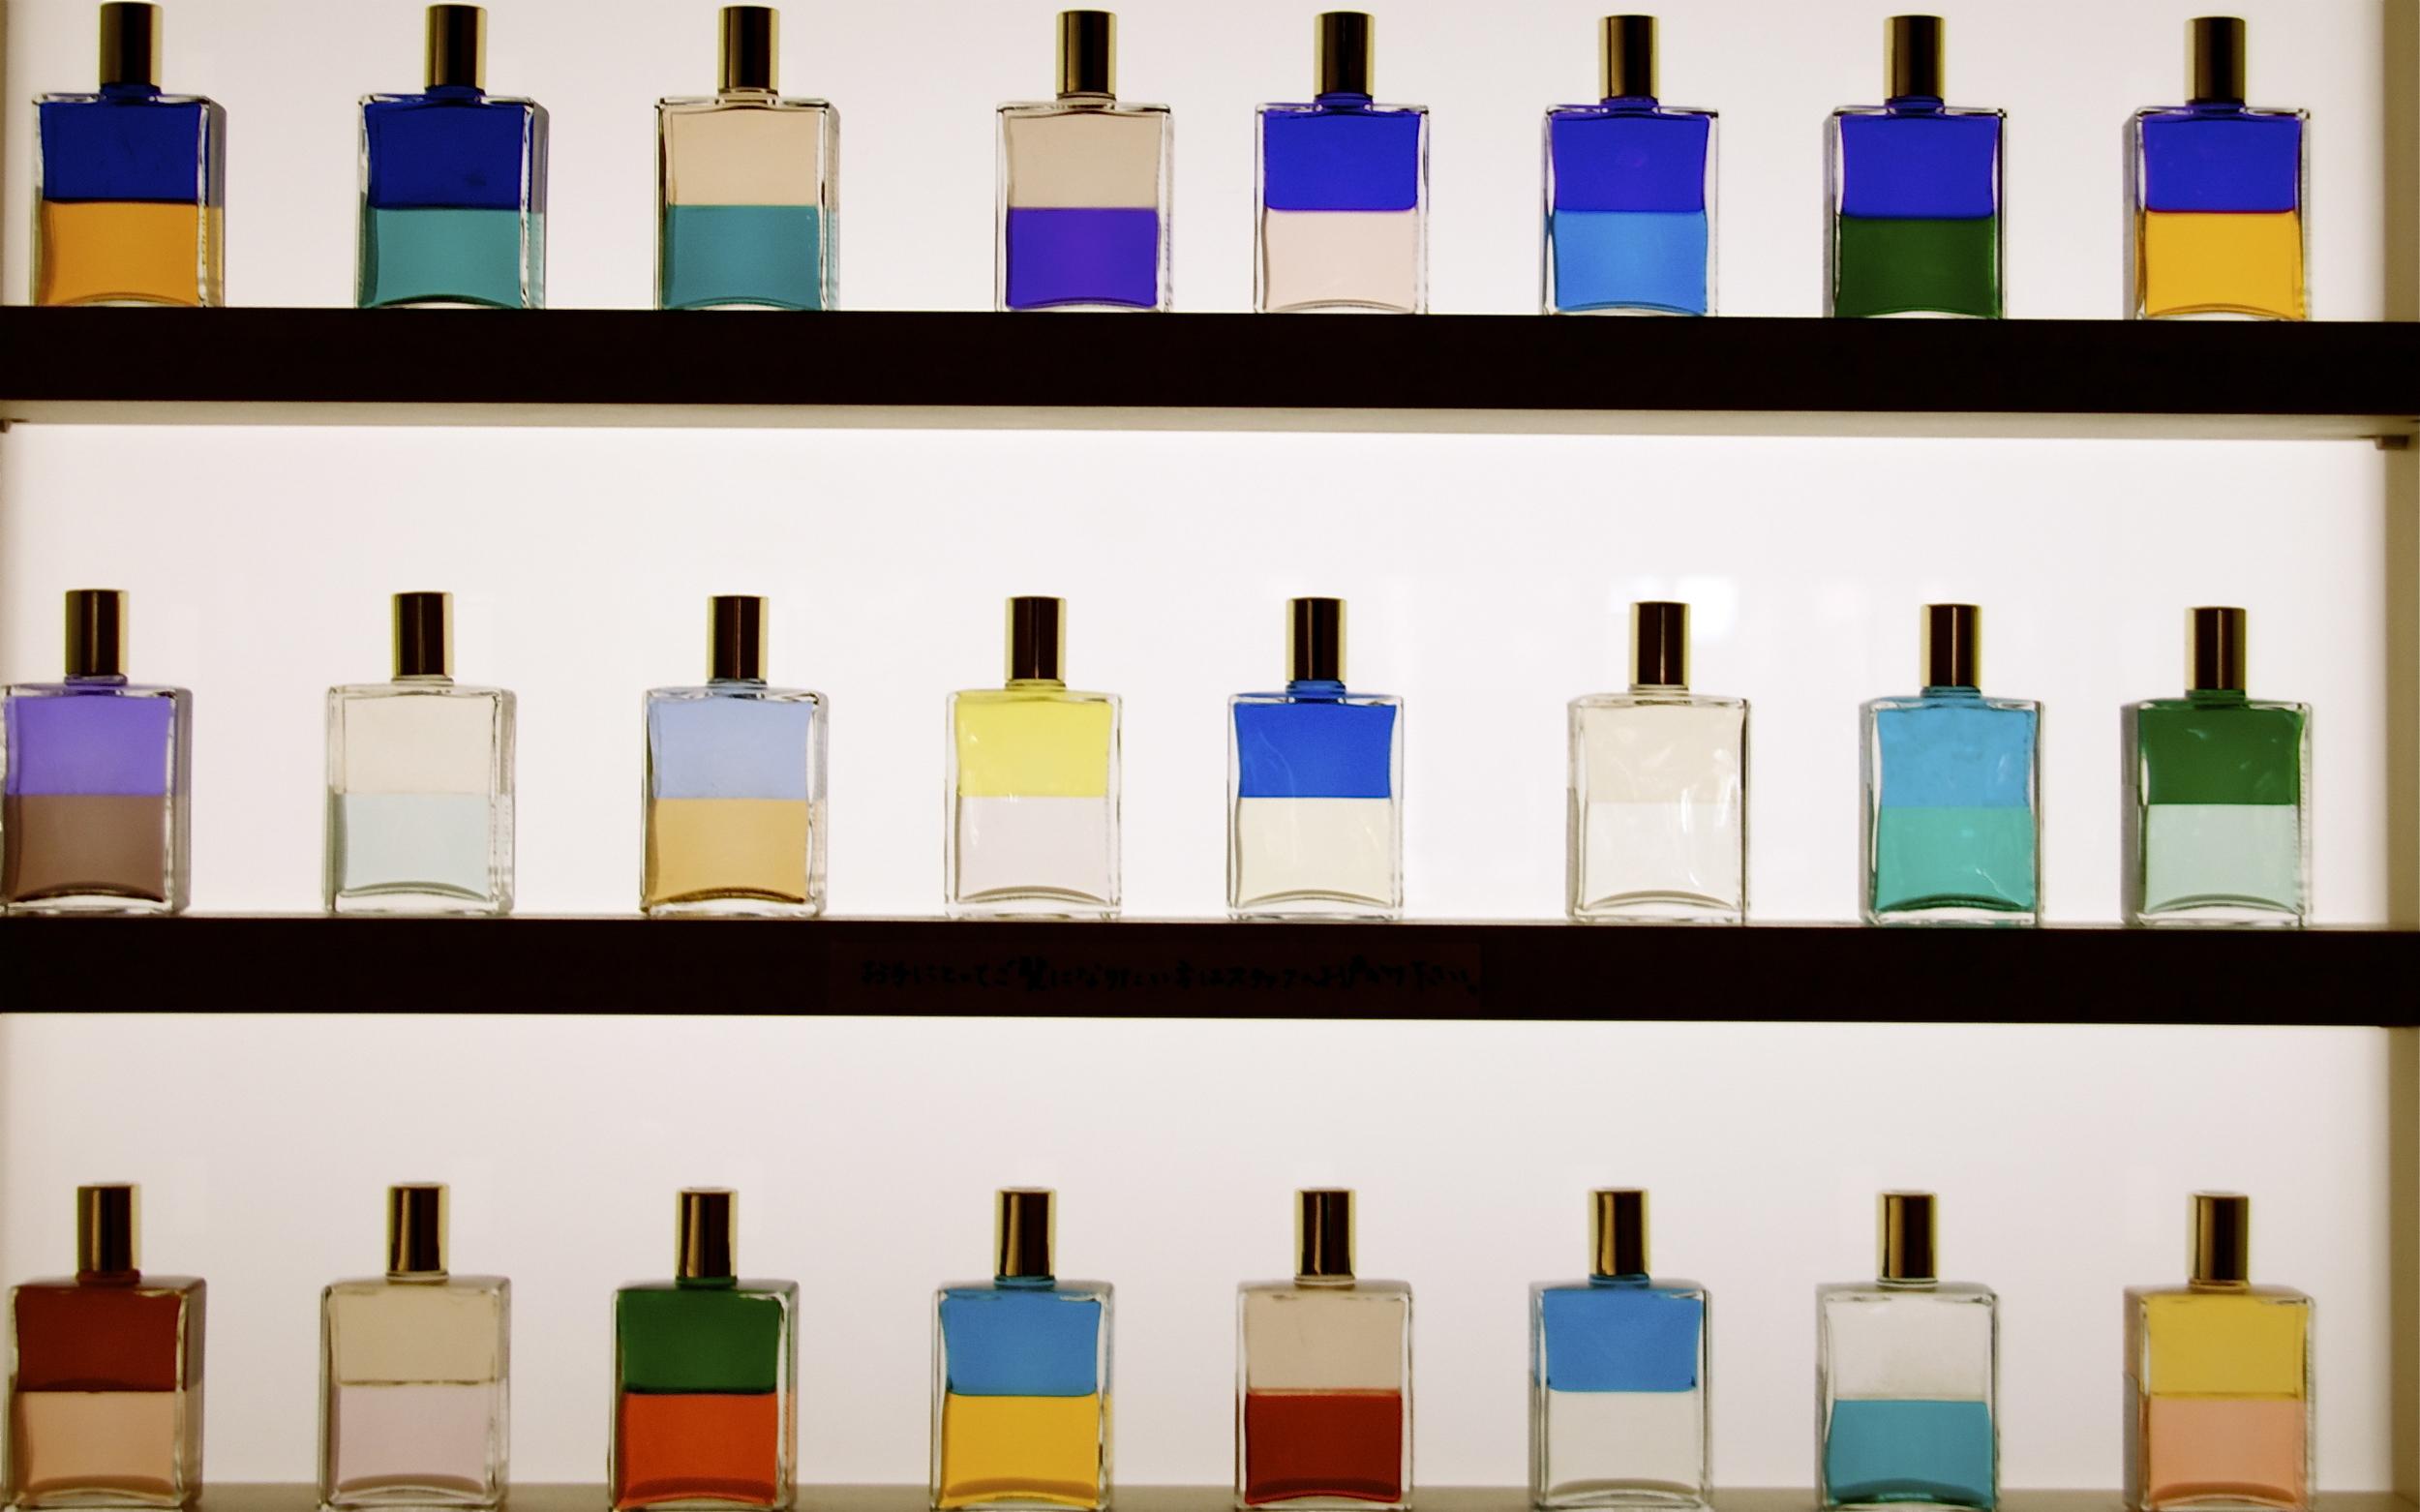 Kanazawa Bottles 2010